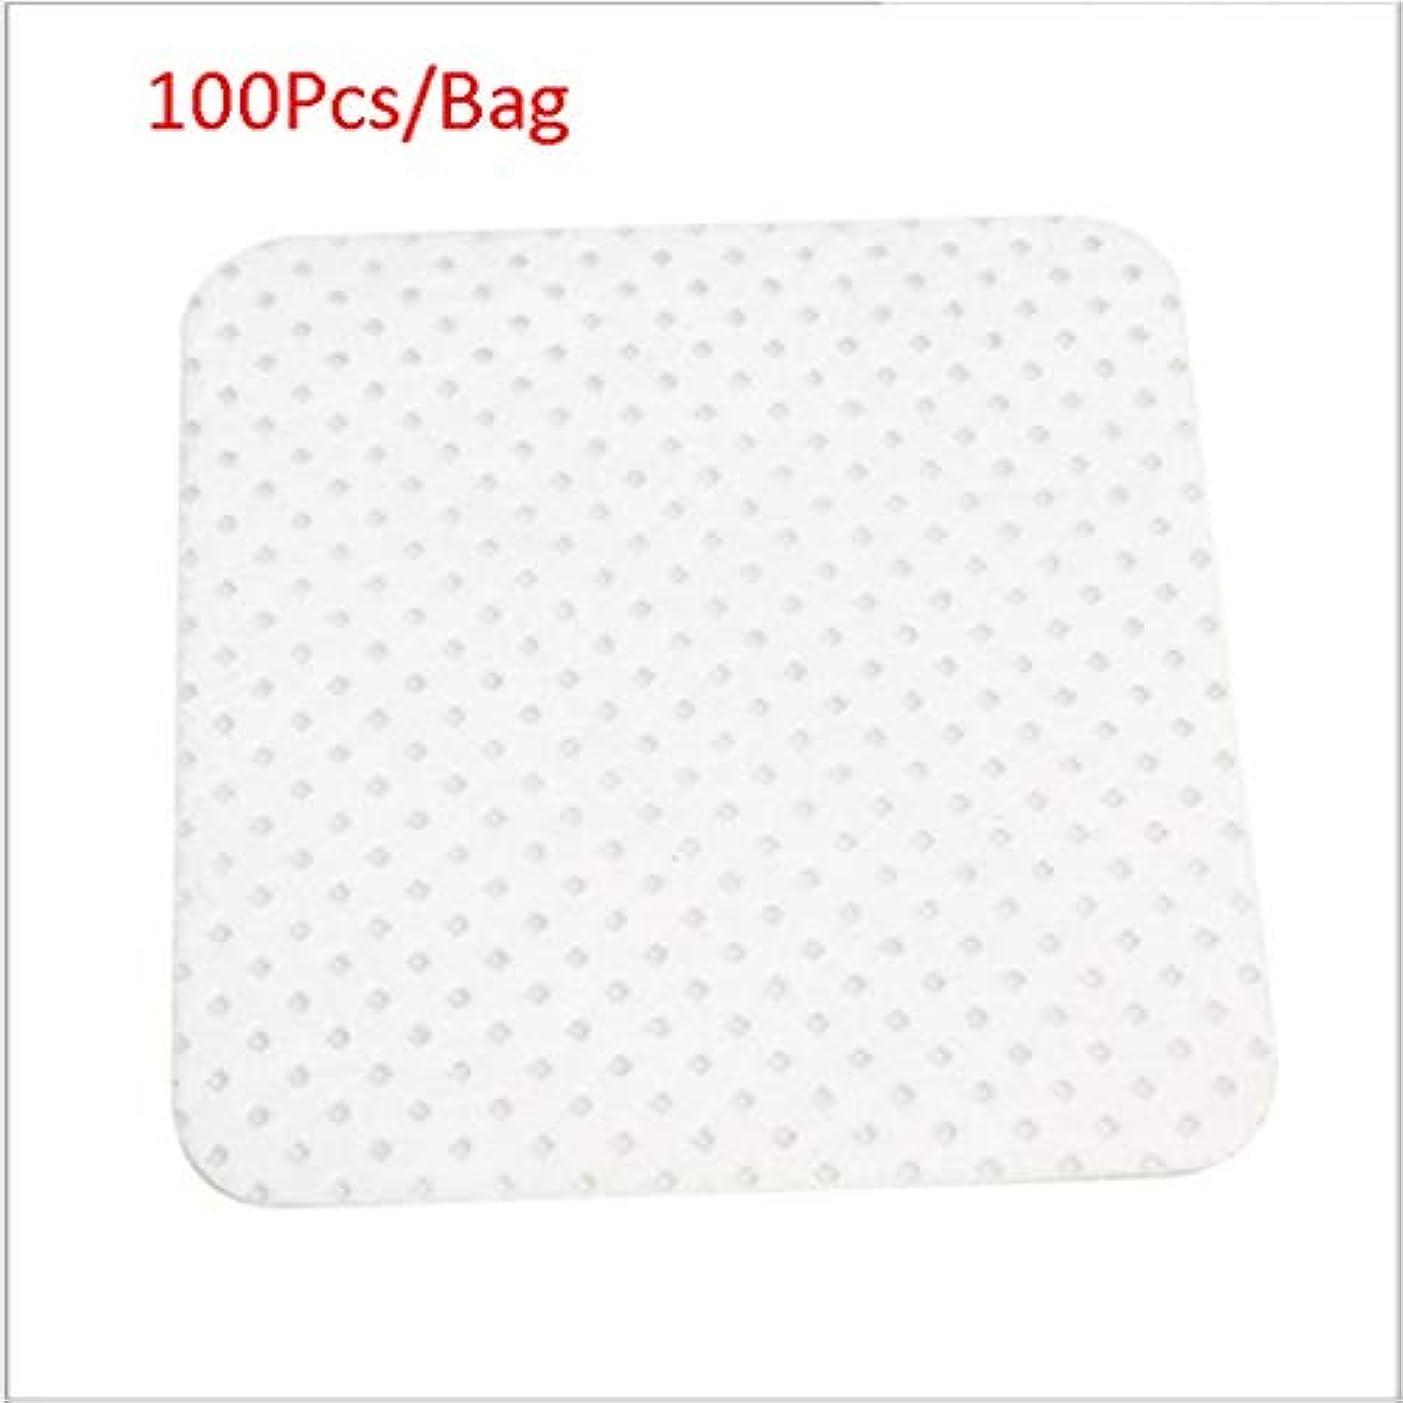 折不和管理するクレンジングシート 100ピース/バッグ使い捨てまつげエクステンションのり取りコットンパッドボトル口拭きパッチメイク化粧品クリーニングツール (Color : White, サイズ : 5*5cm)